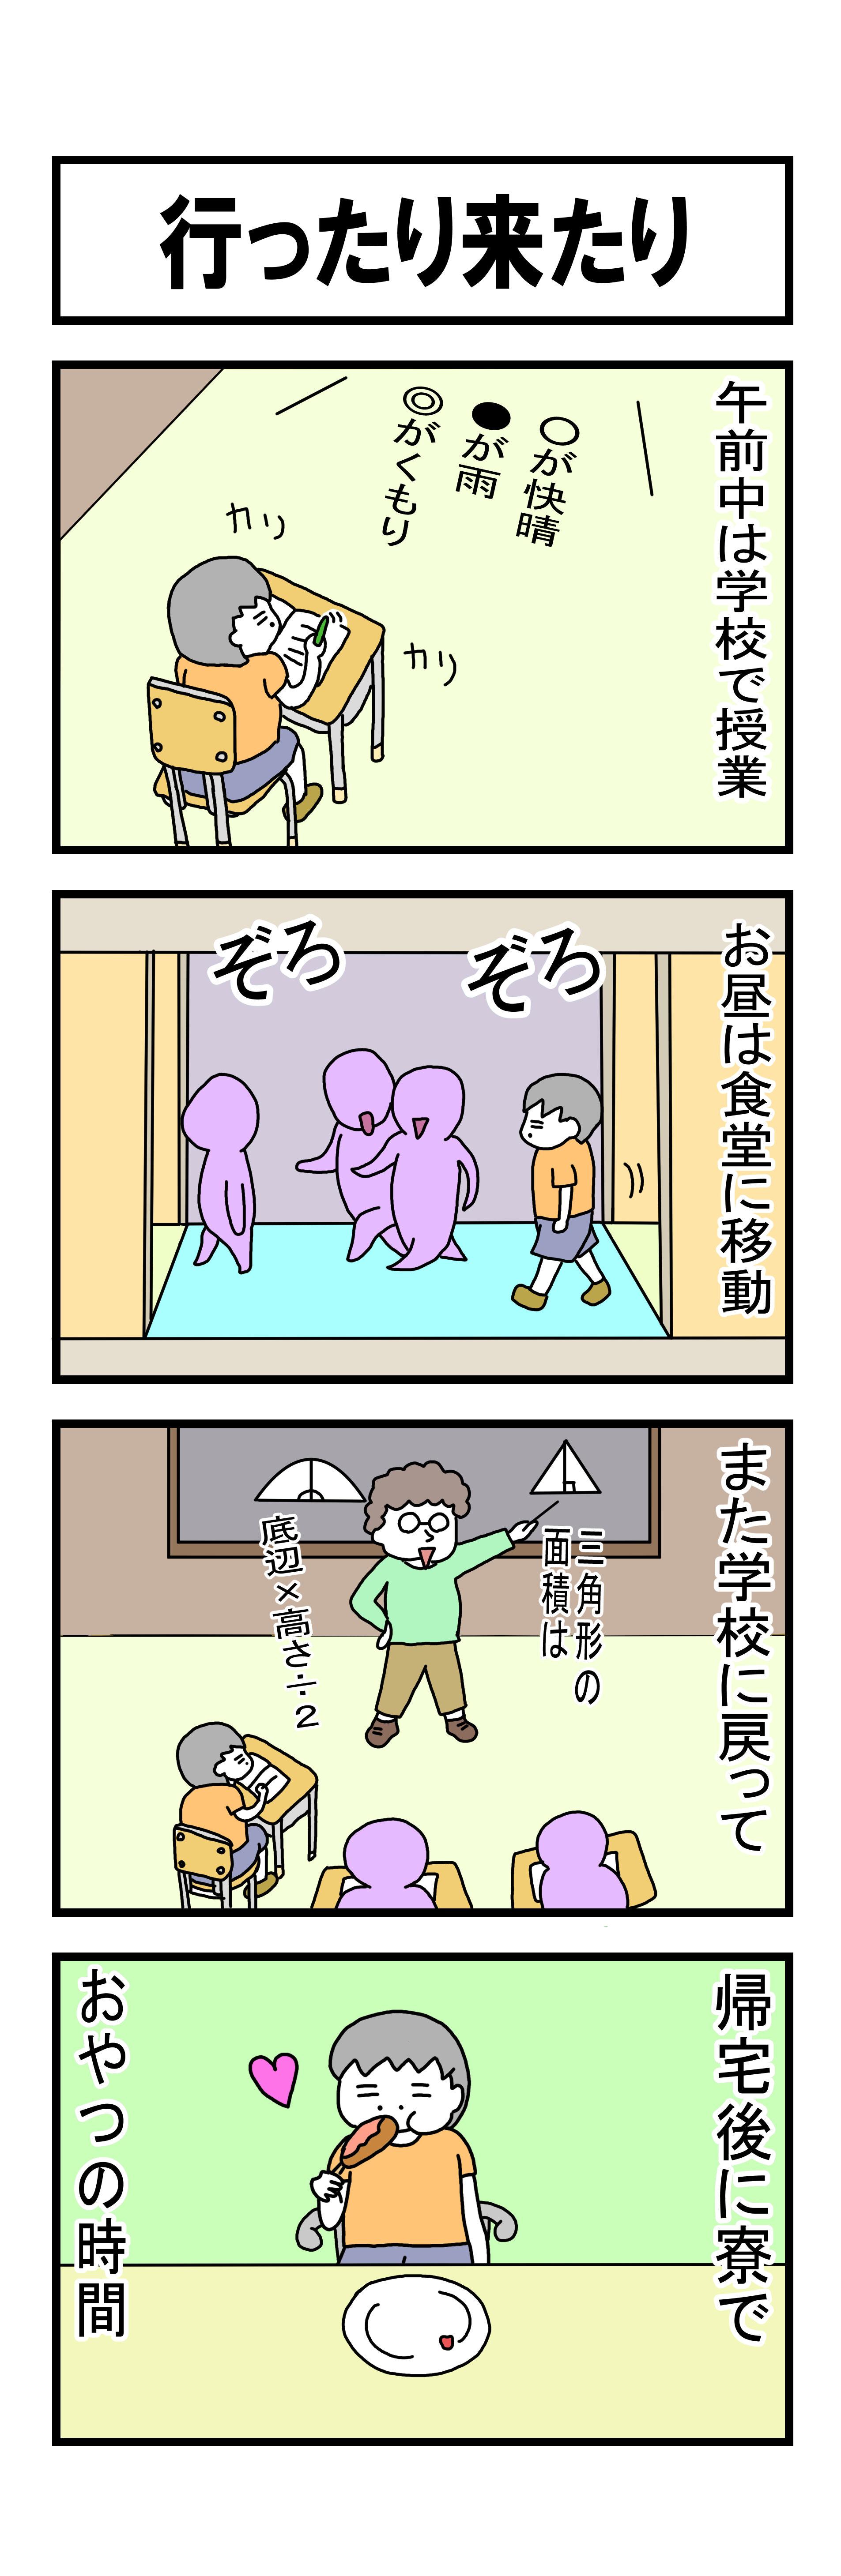 198話 【父は日本人 母は原住民族】